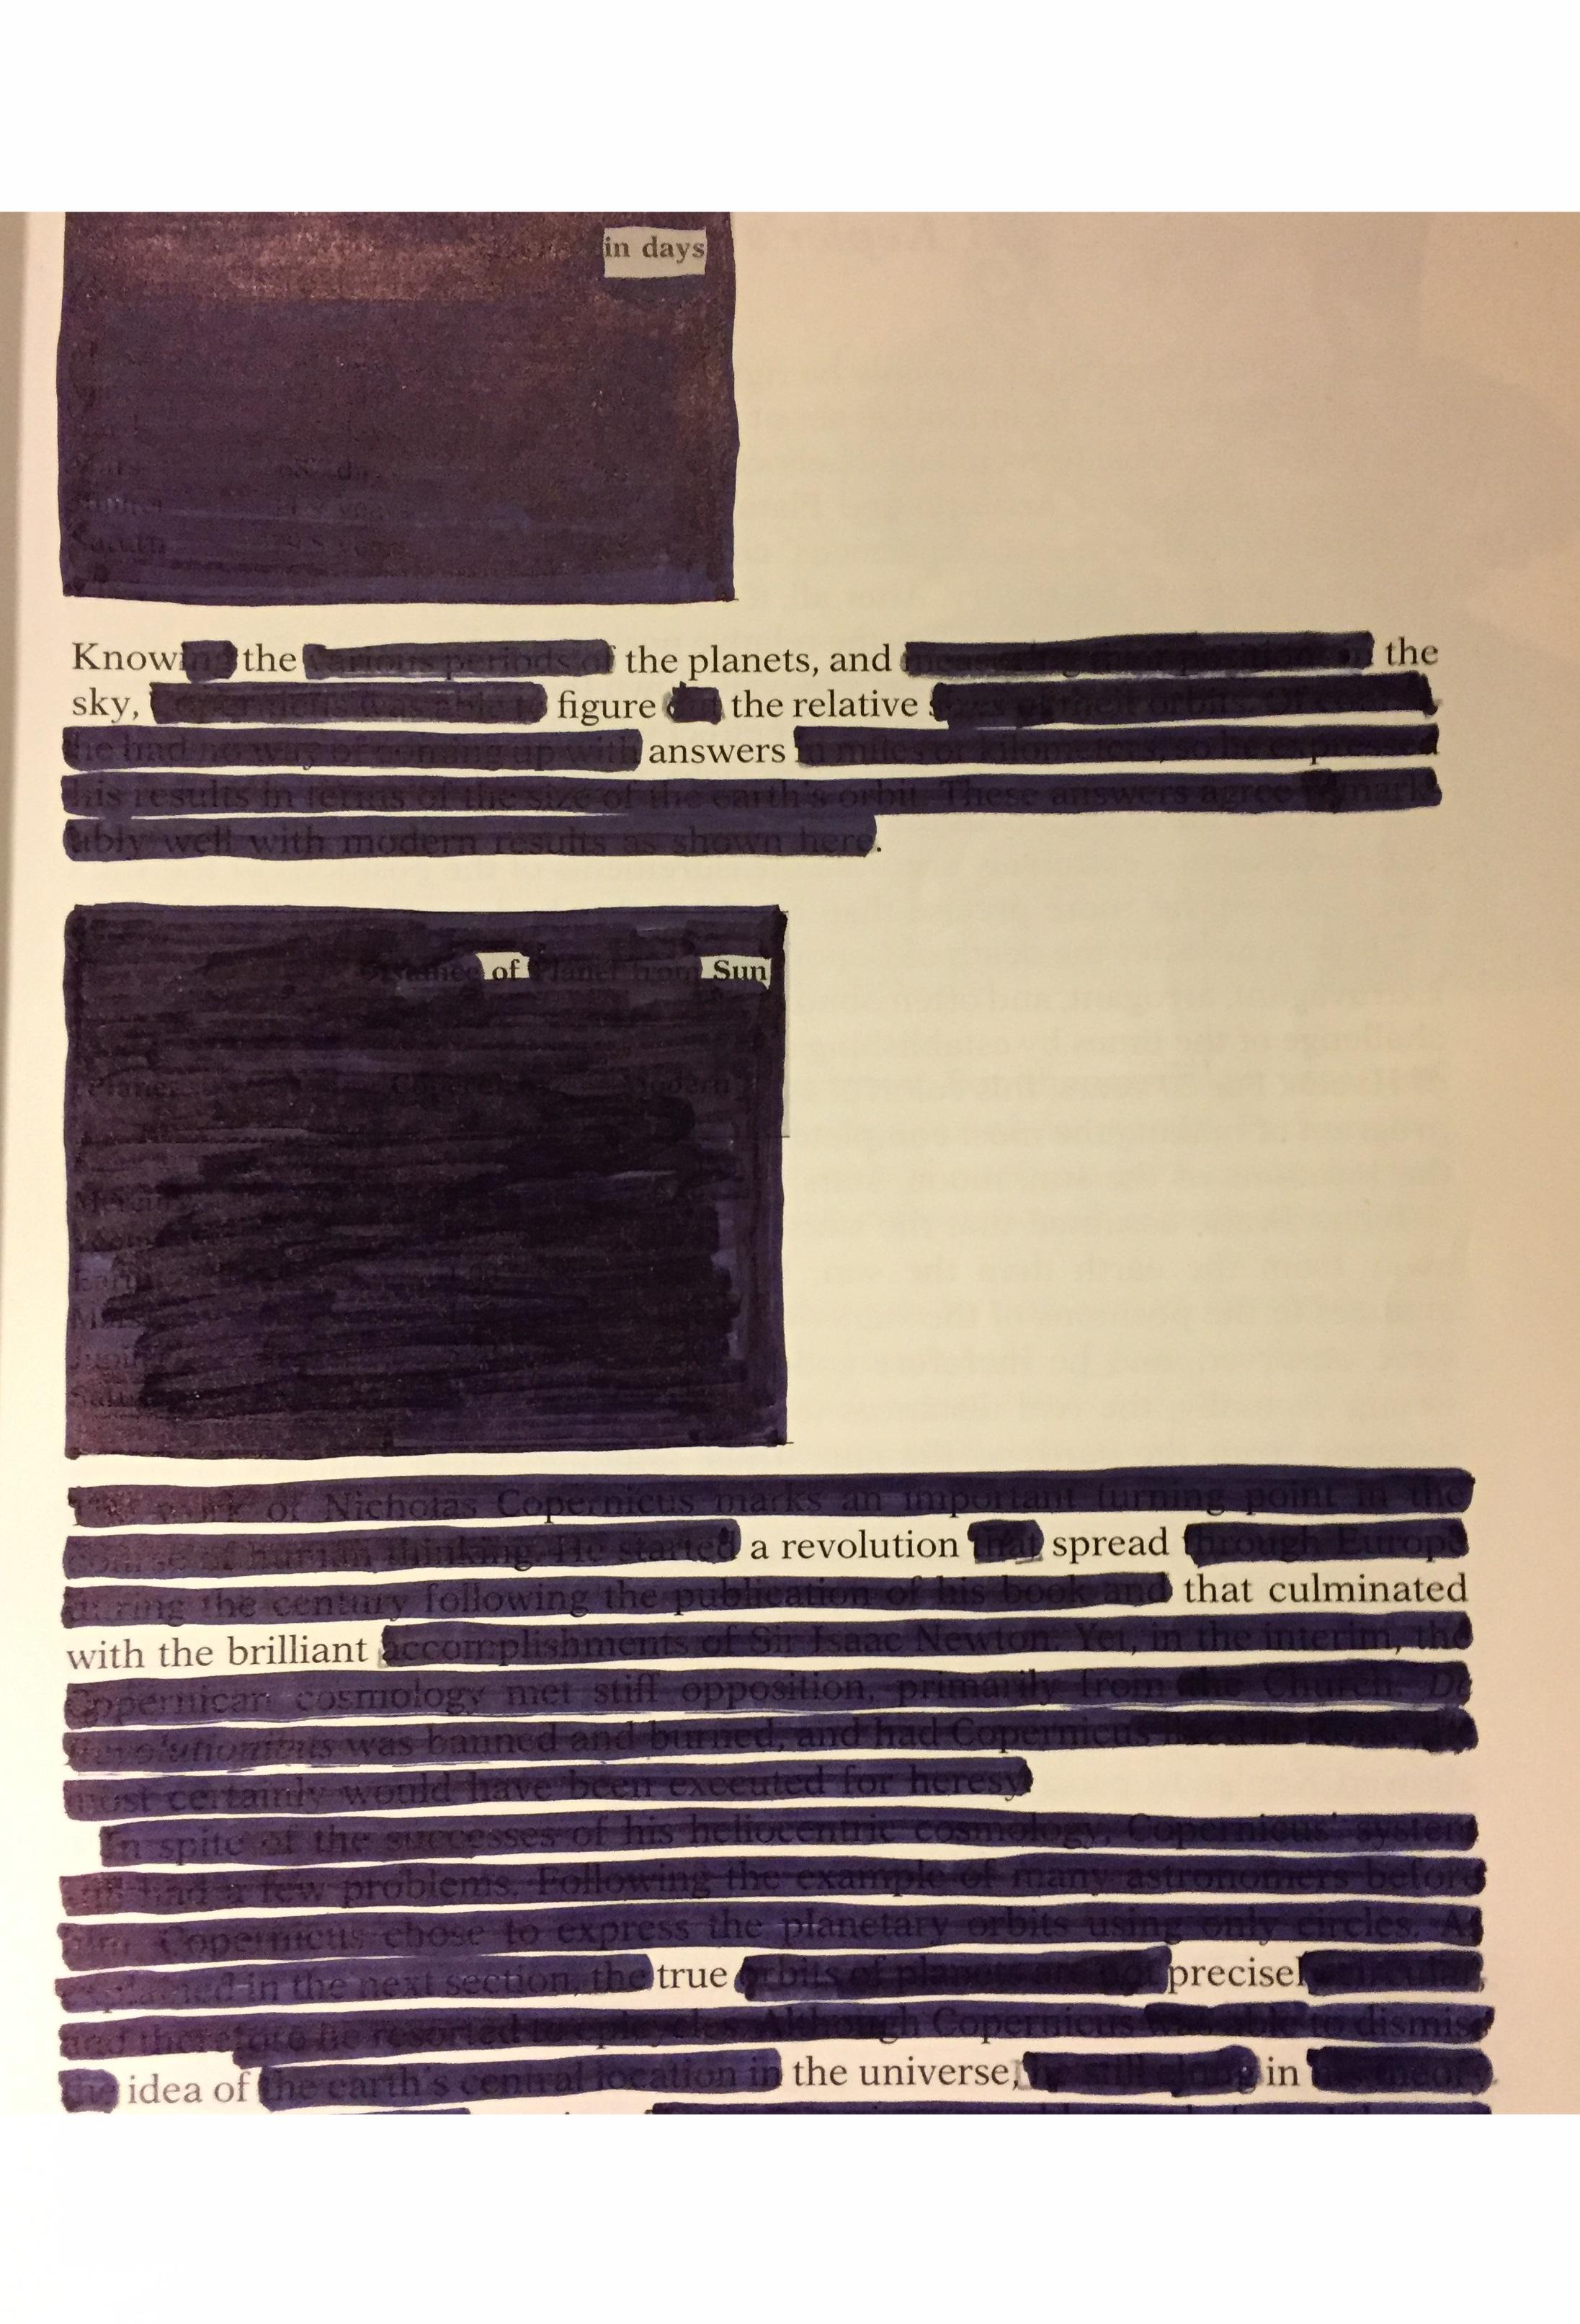 Blackout Poetry 12.JPG